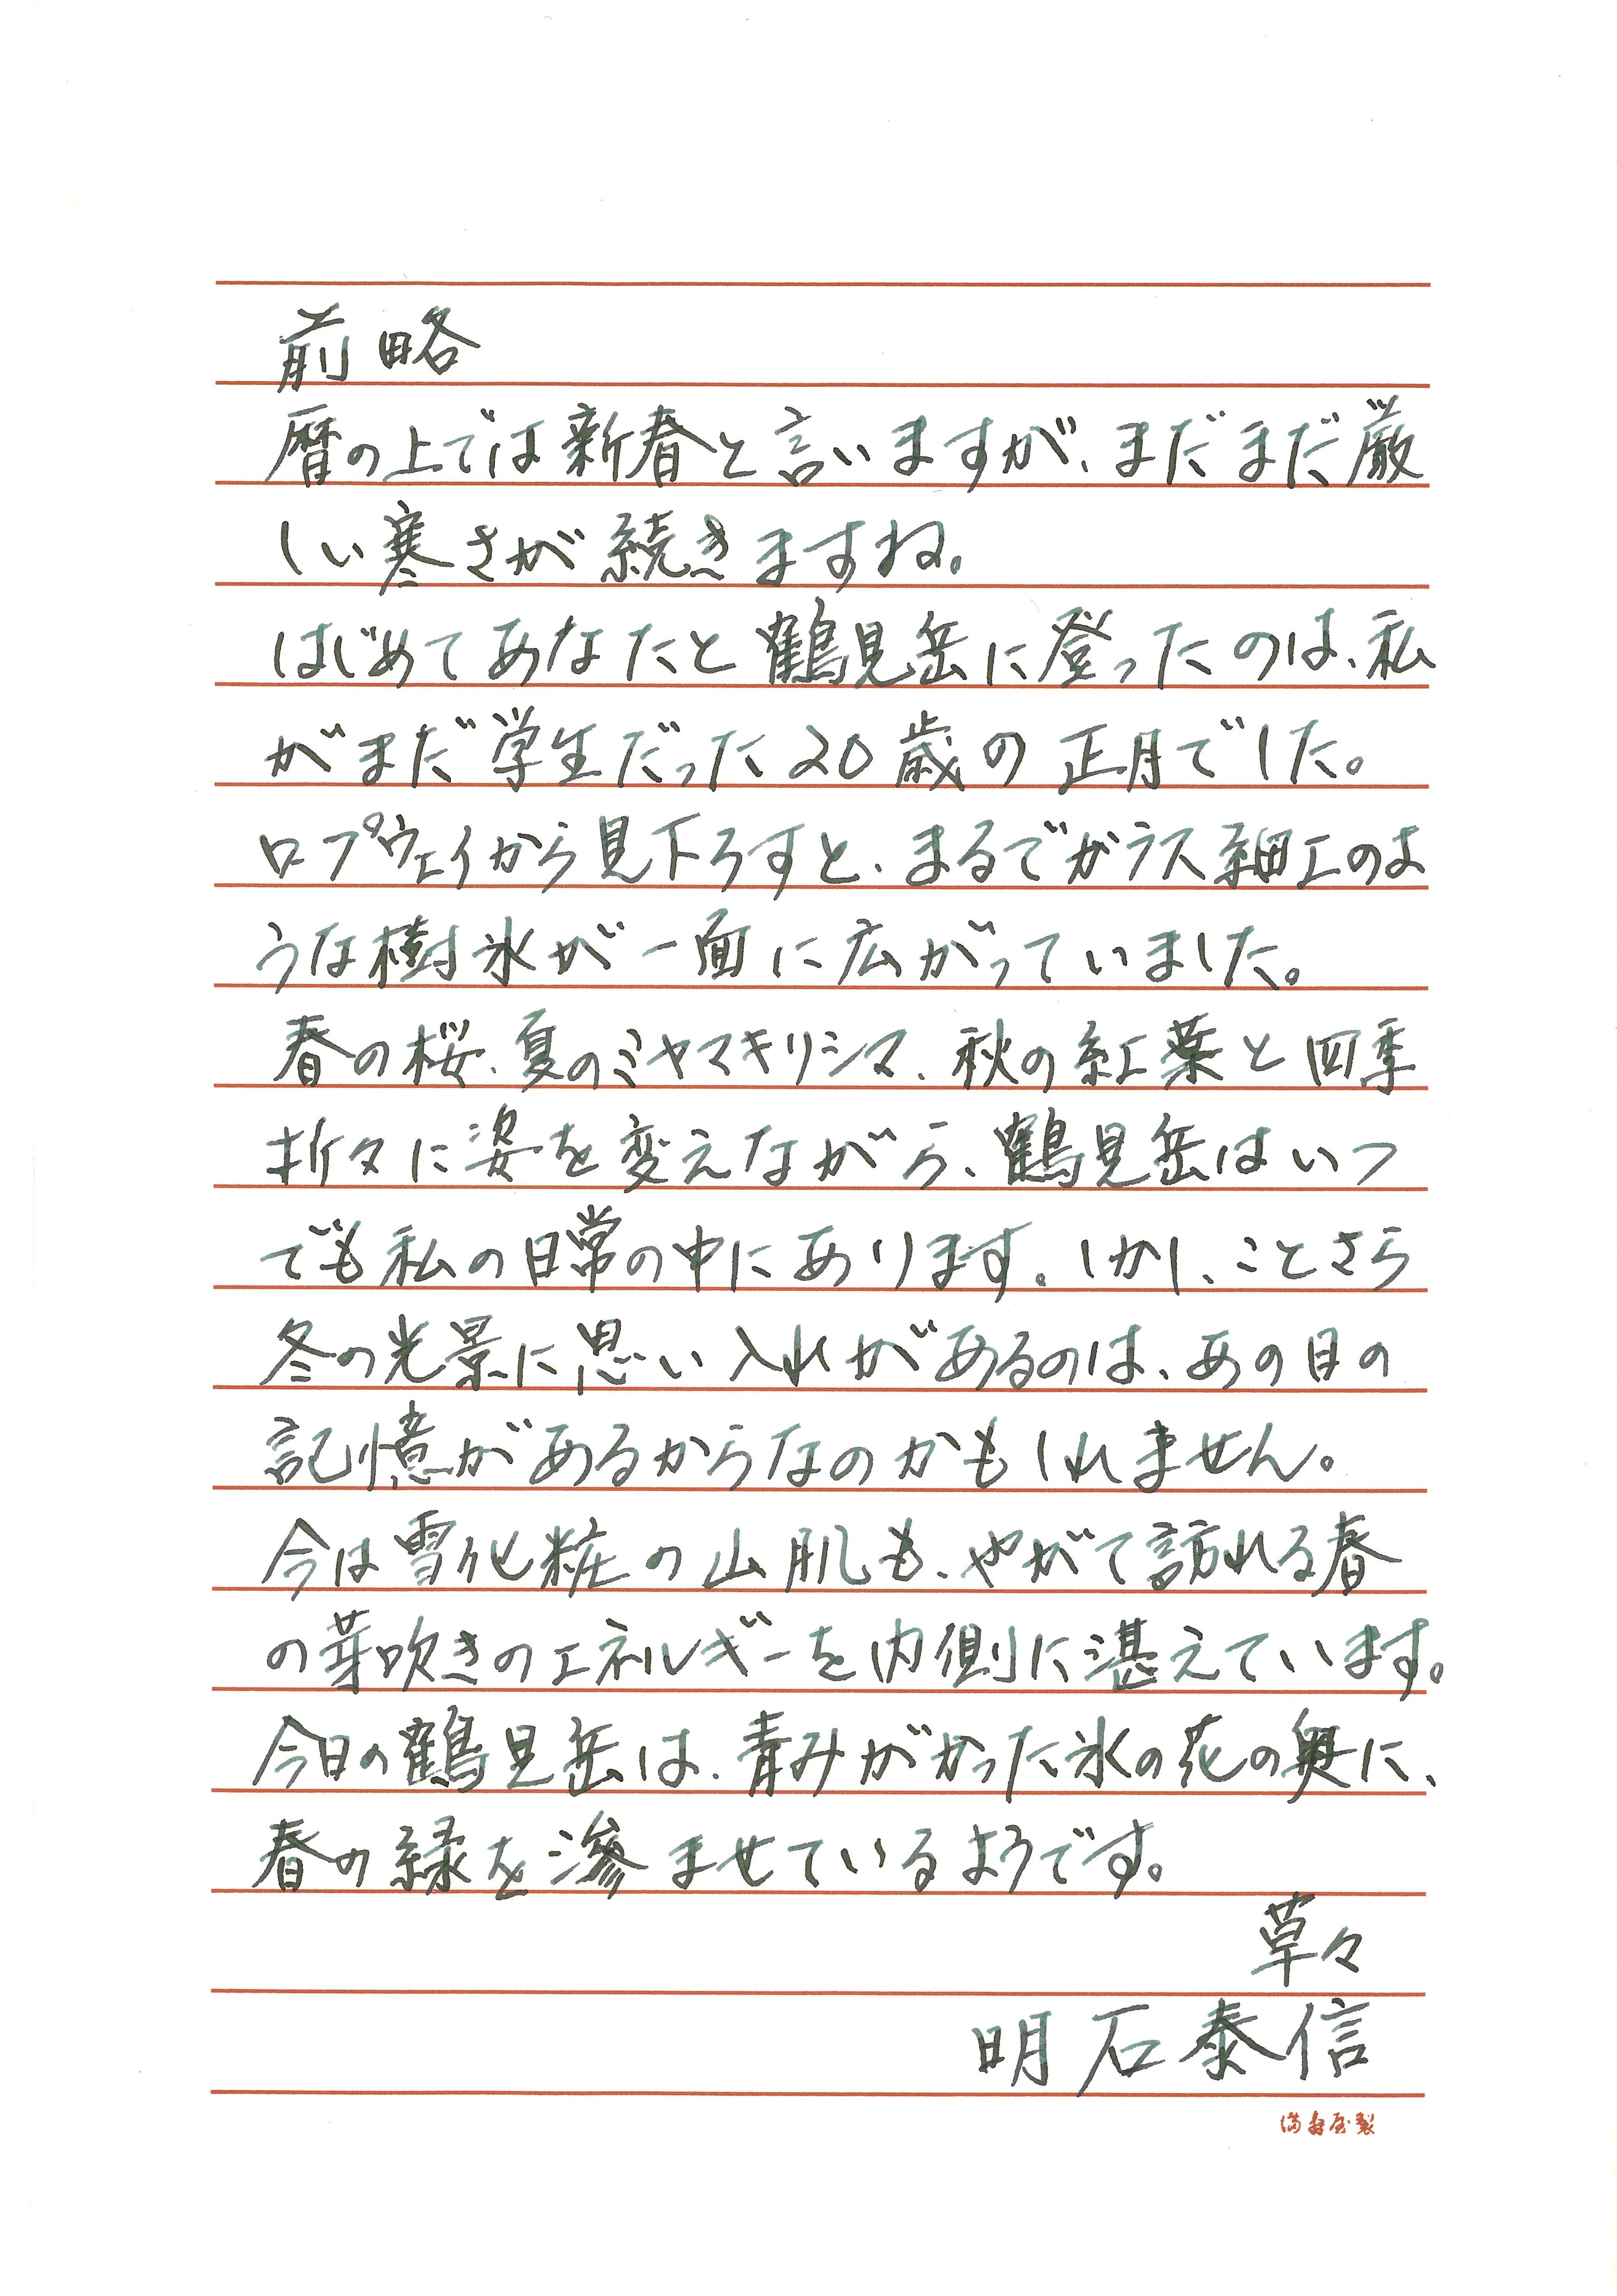 鶴見グリーン【鶴見岳に茂る樹木の色、青みを帯びたグリーン】